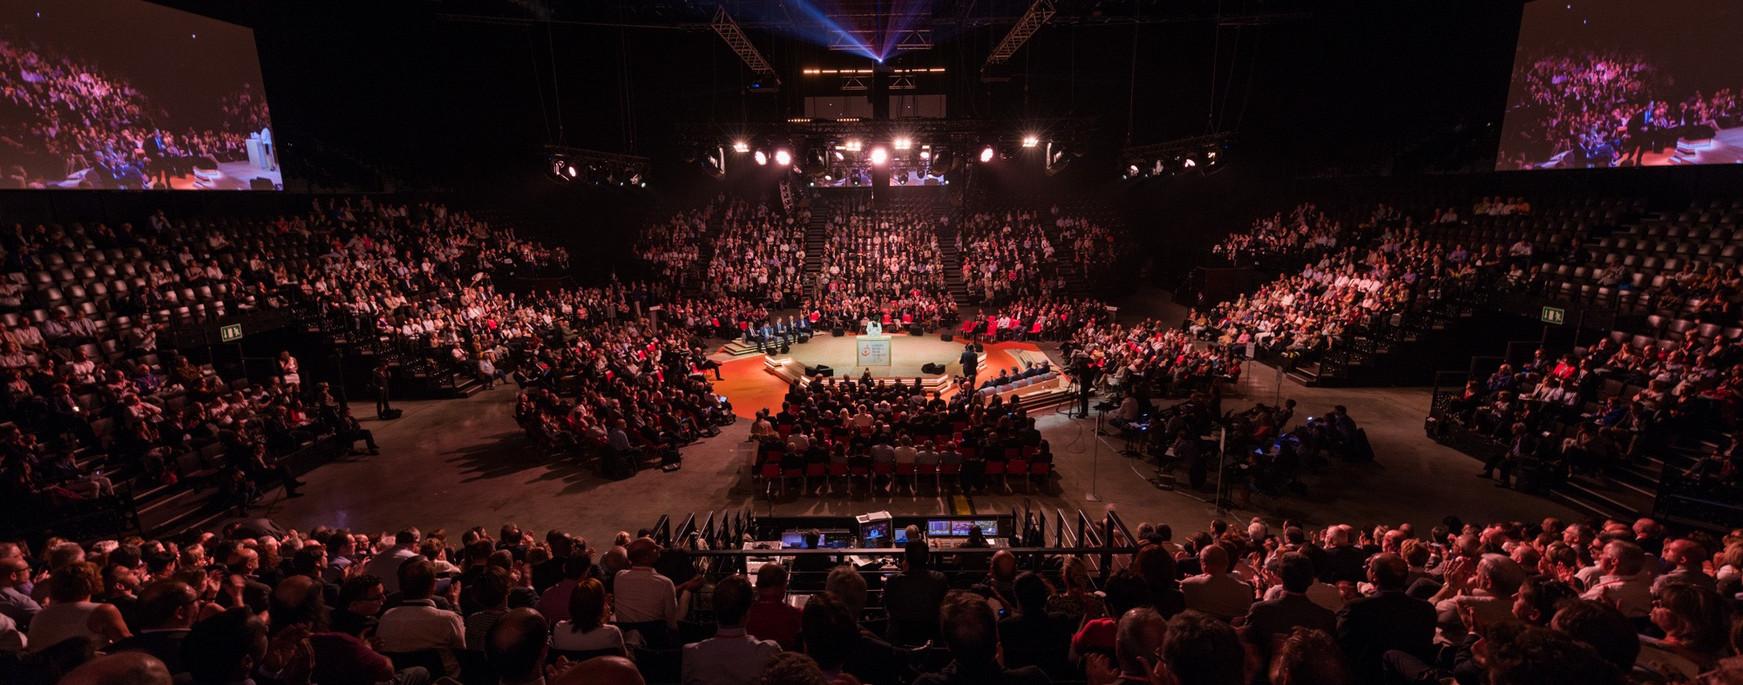 Congres 2015 mardi 22 pleniere comble cr